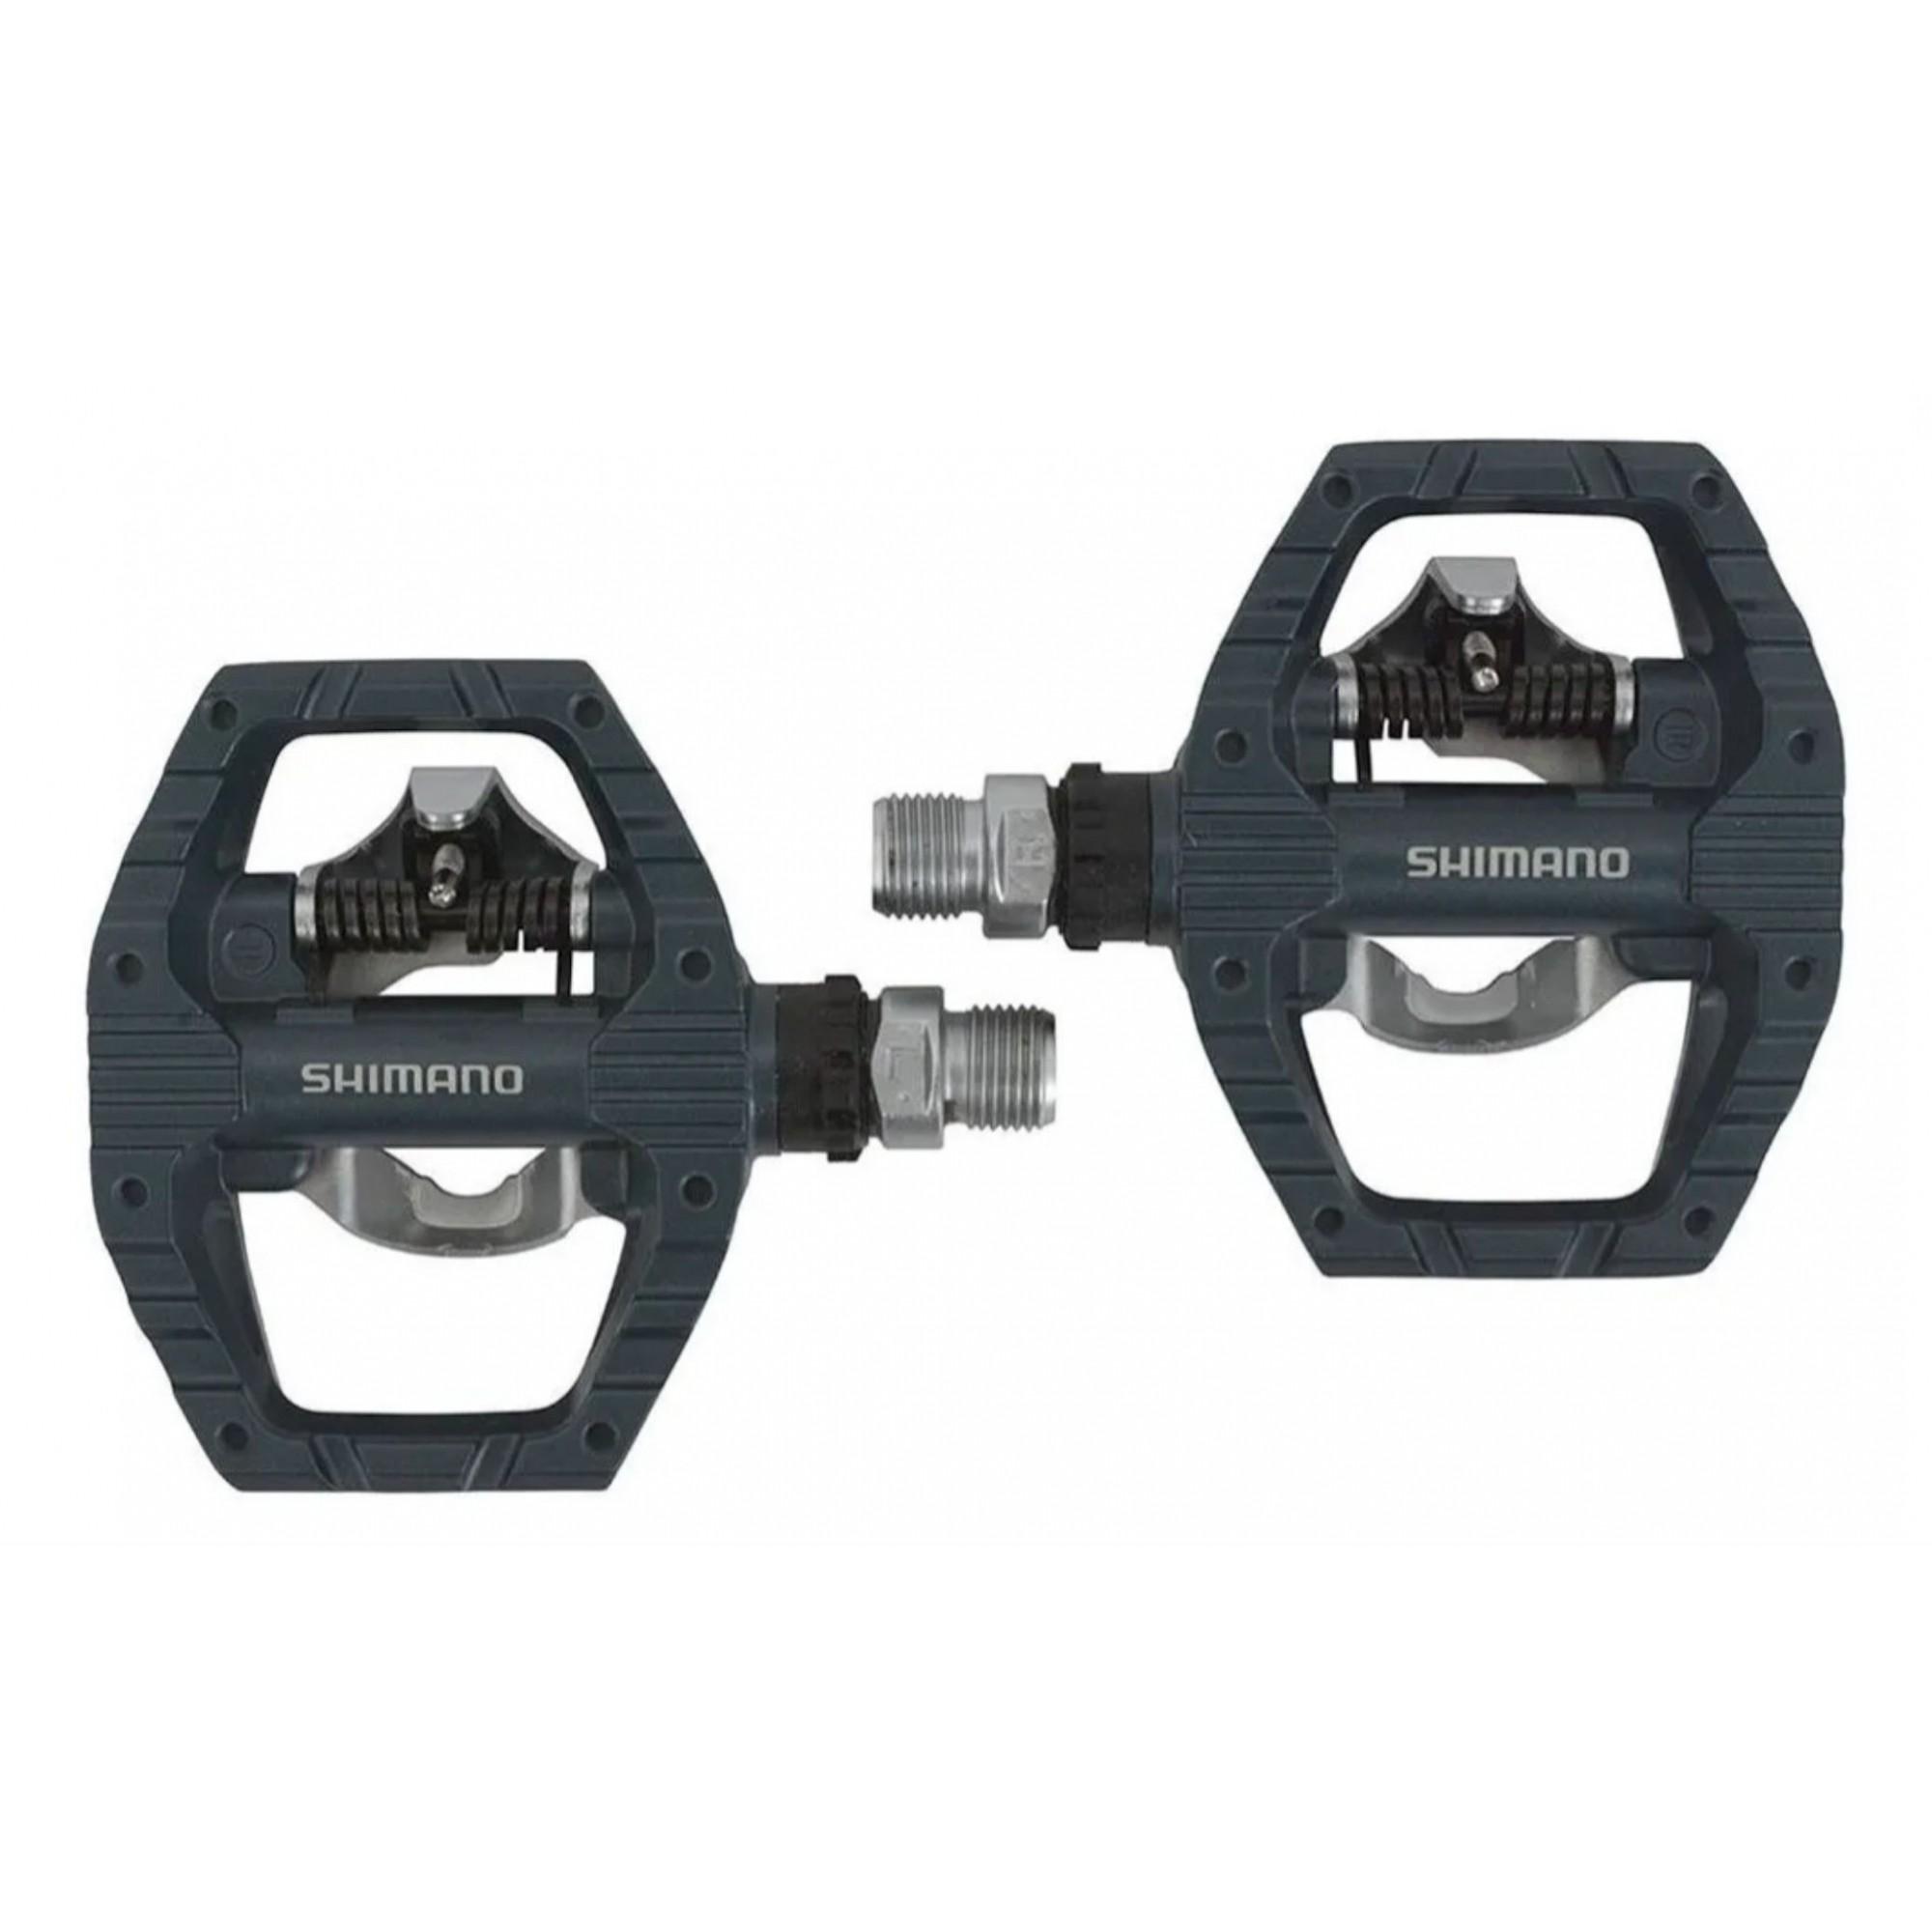 Pedal Shimano Pd-eh500 Plataforma Clip Com Tacos Lançamento